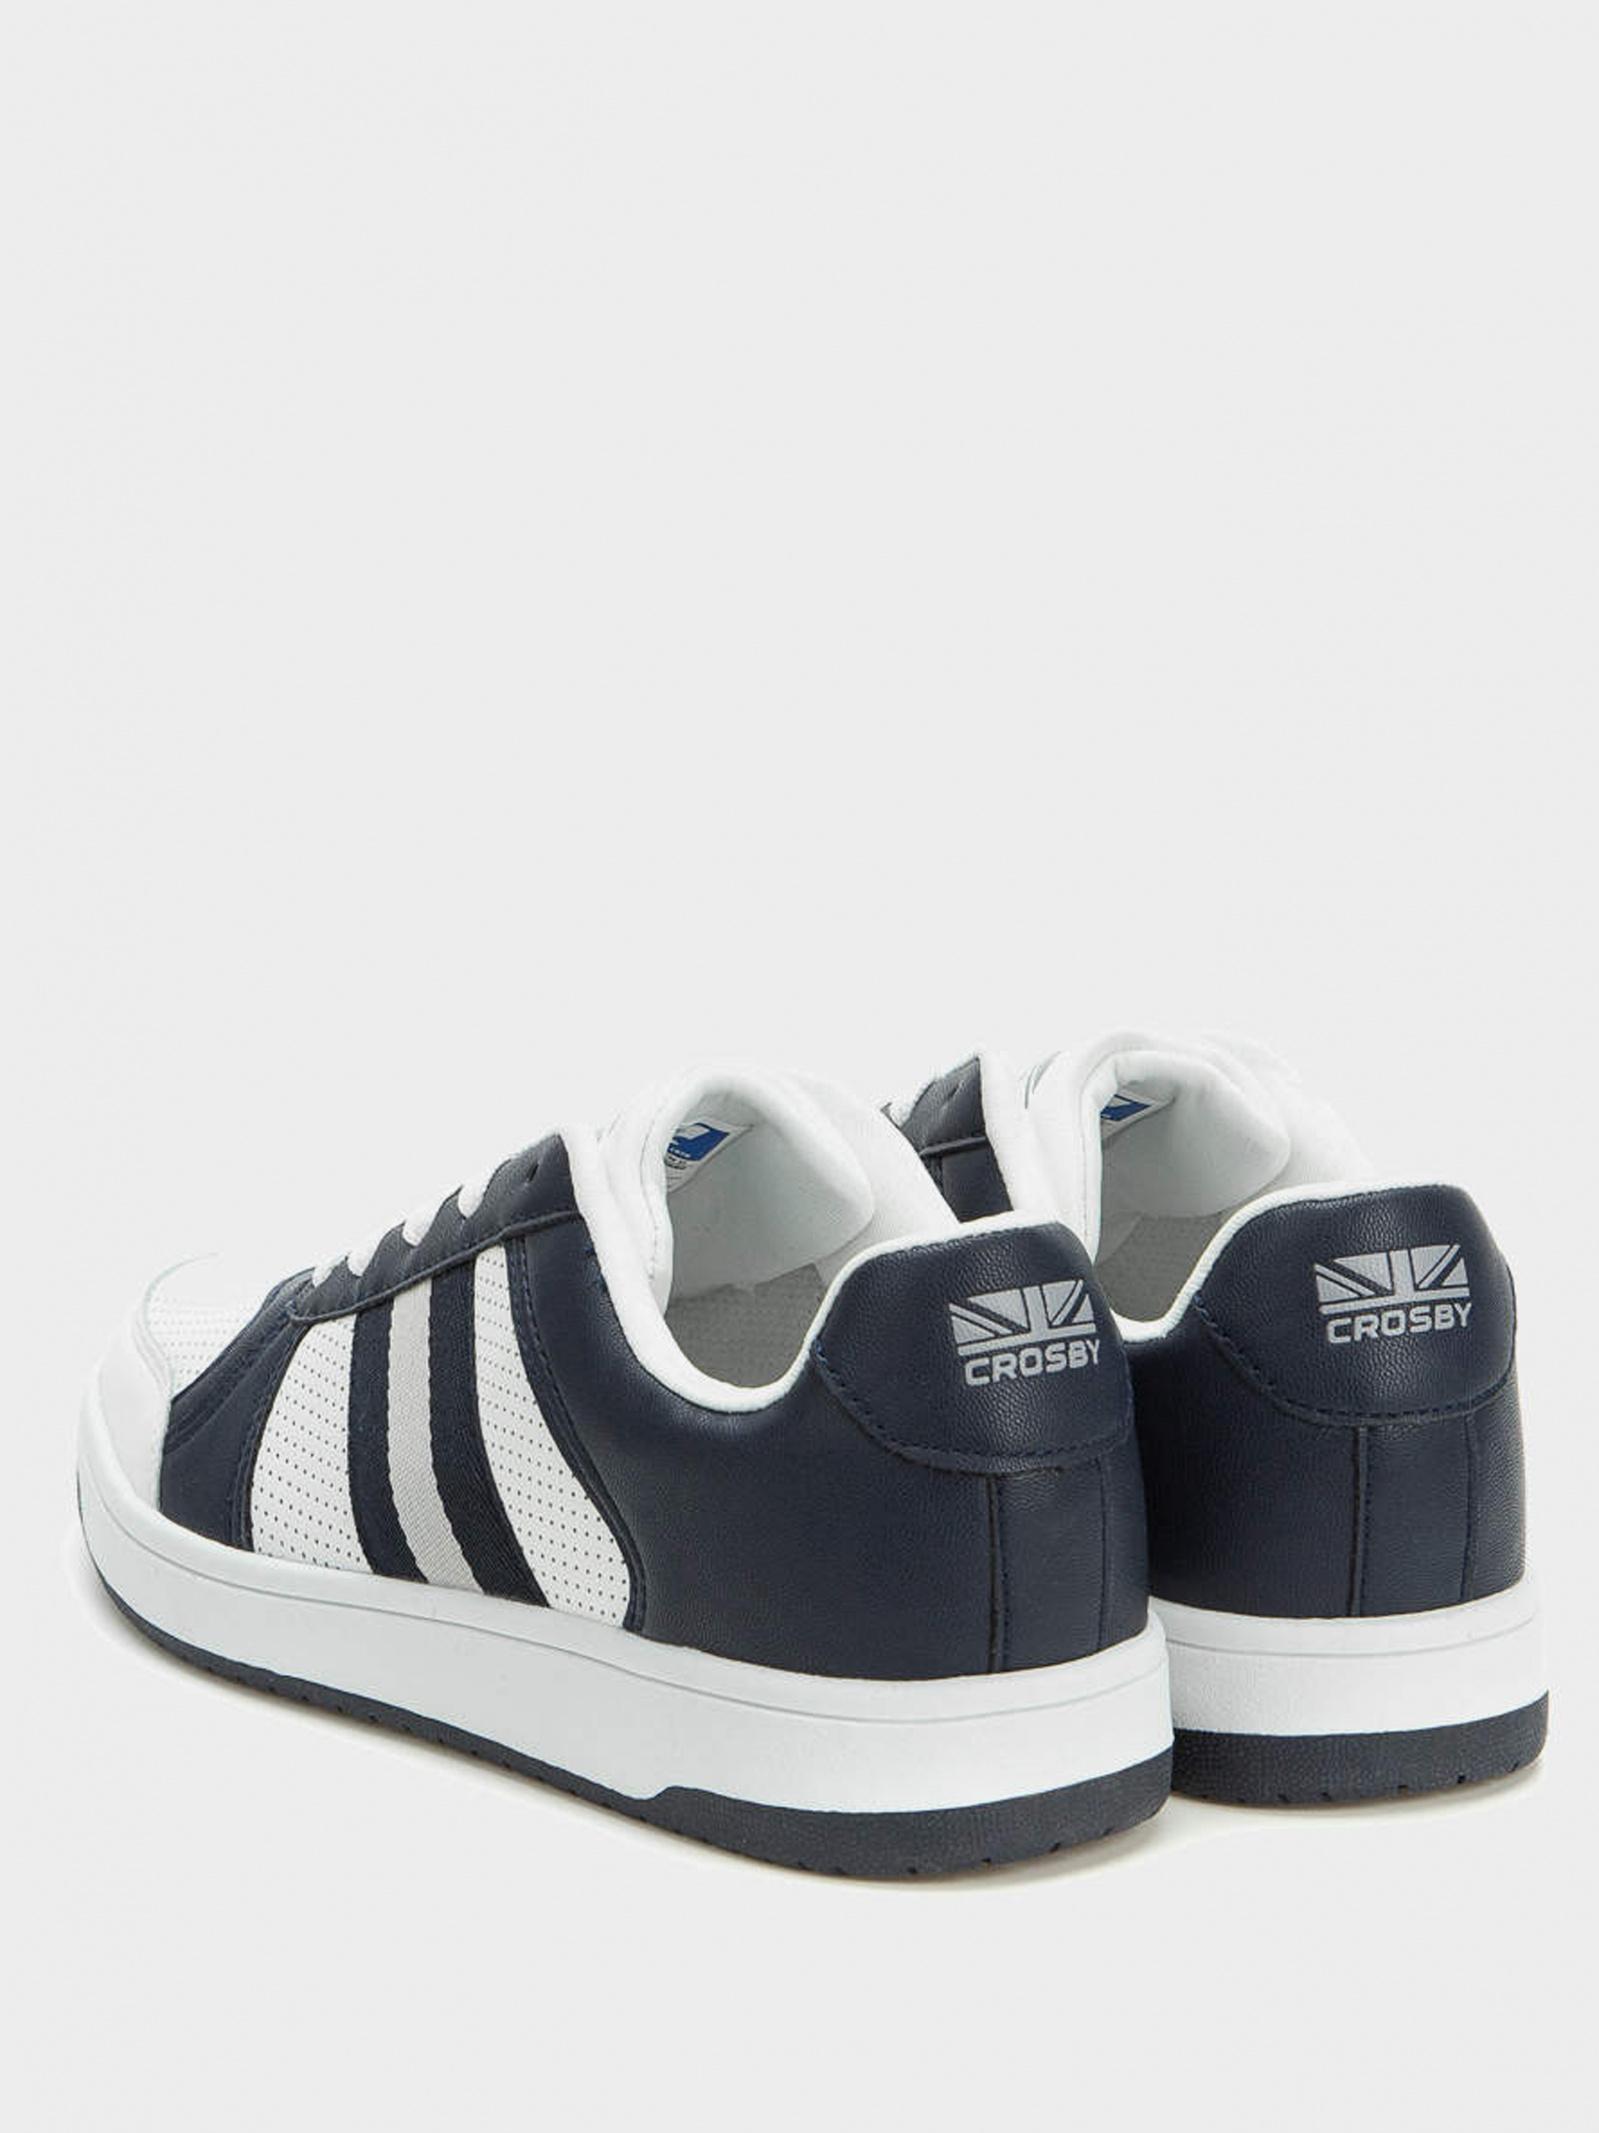 Кроссовки для детей Crosby 407566/02-02 брендовая обувь, 2017